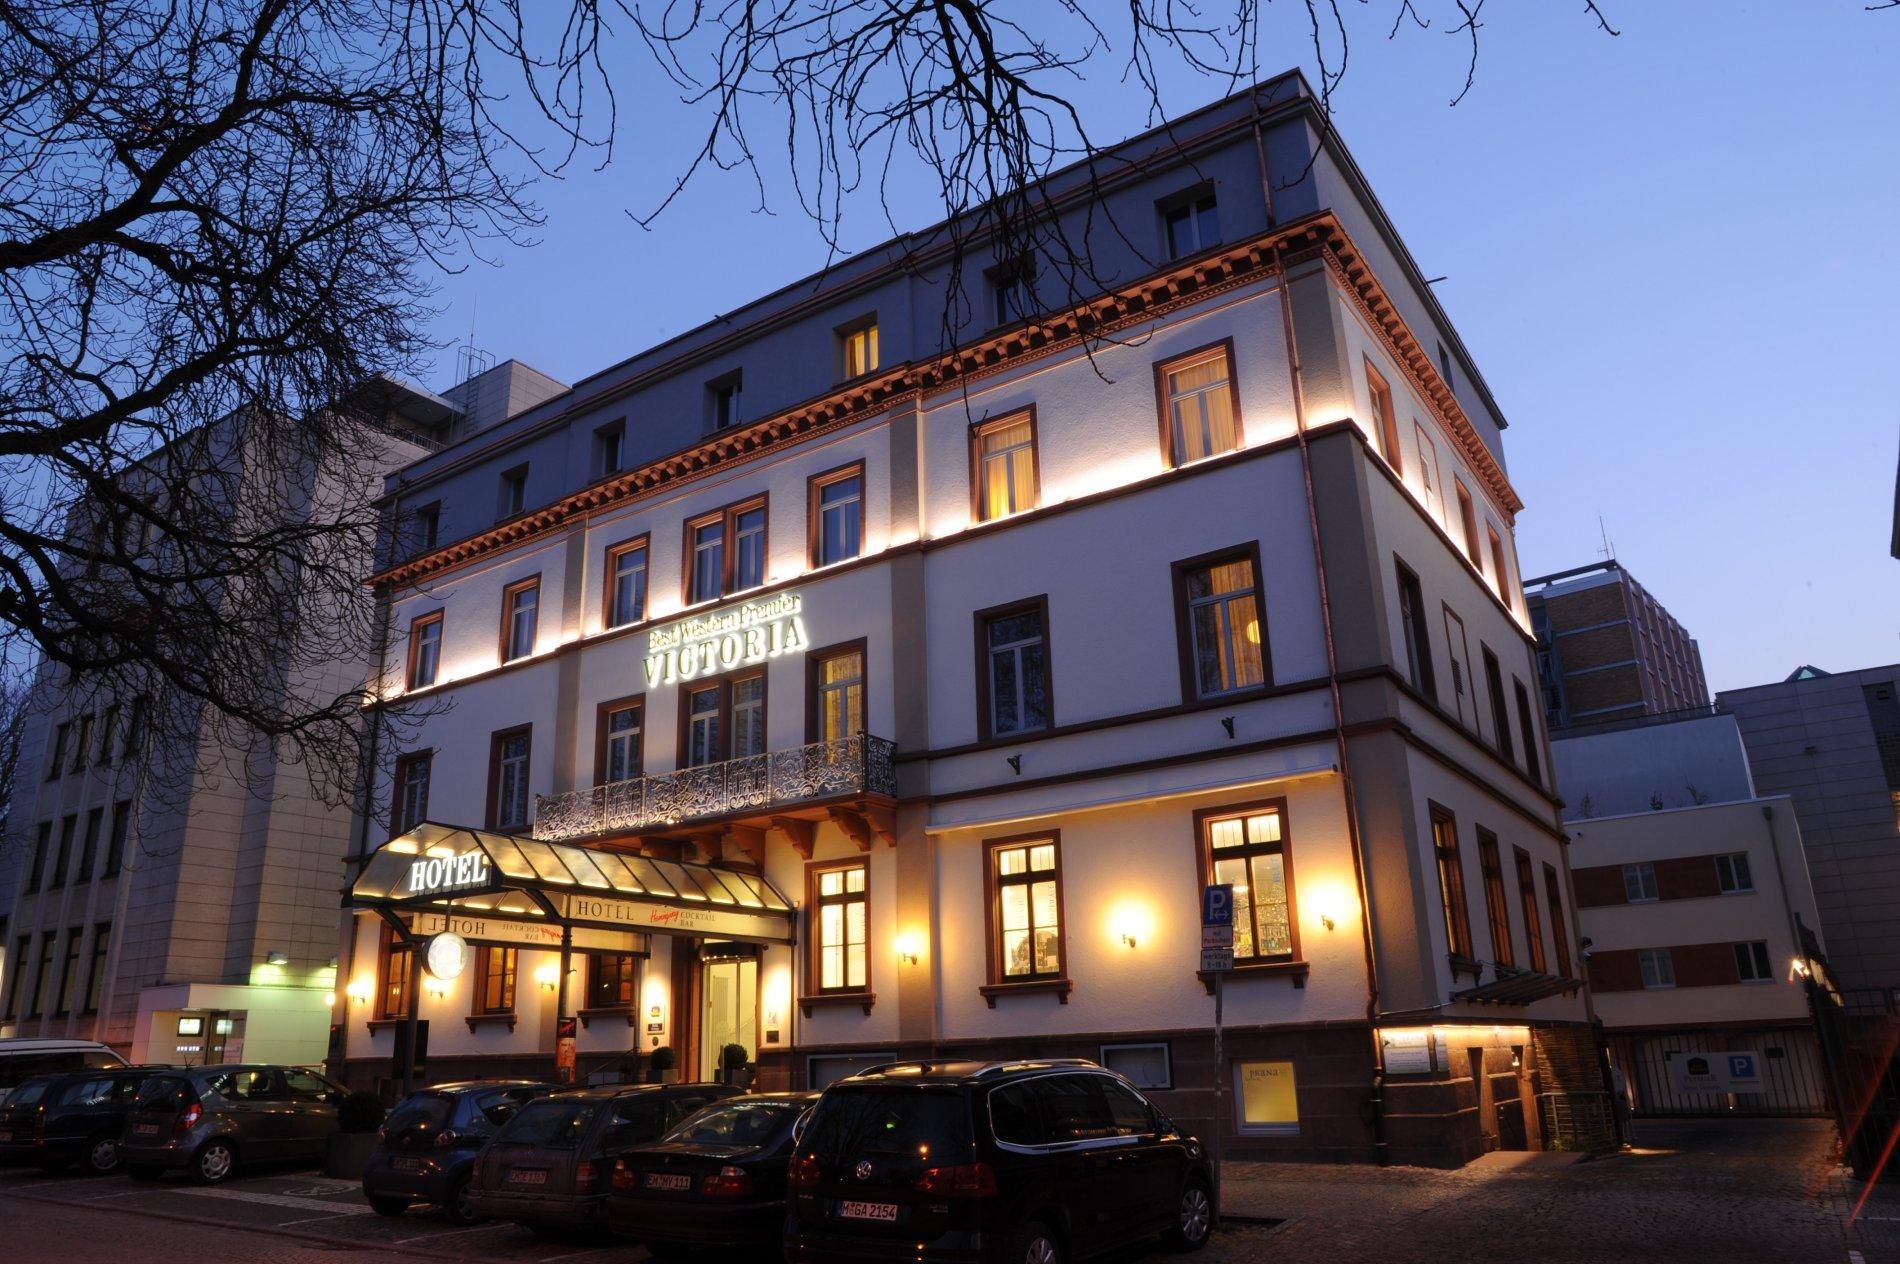 Best Western Premier Hotel Victoria Aussenansicht Nacht